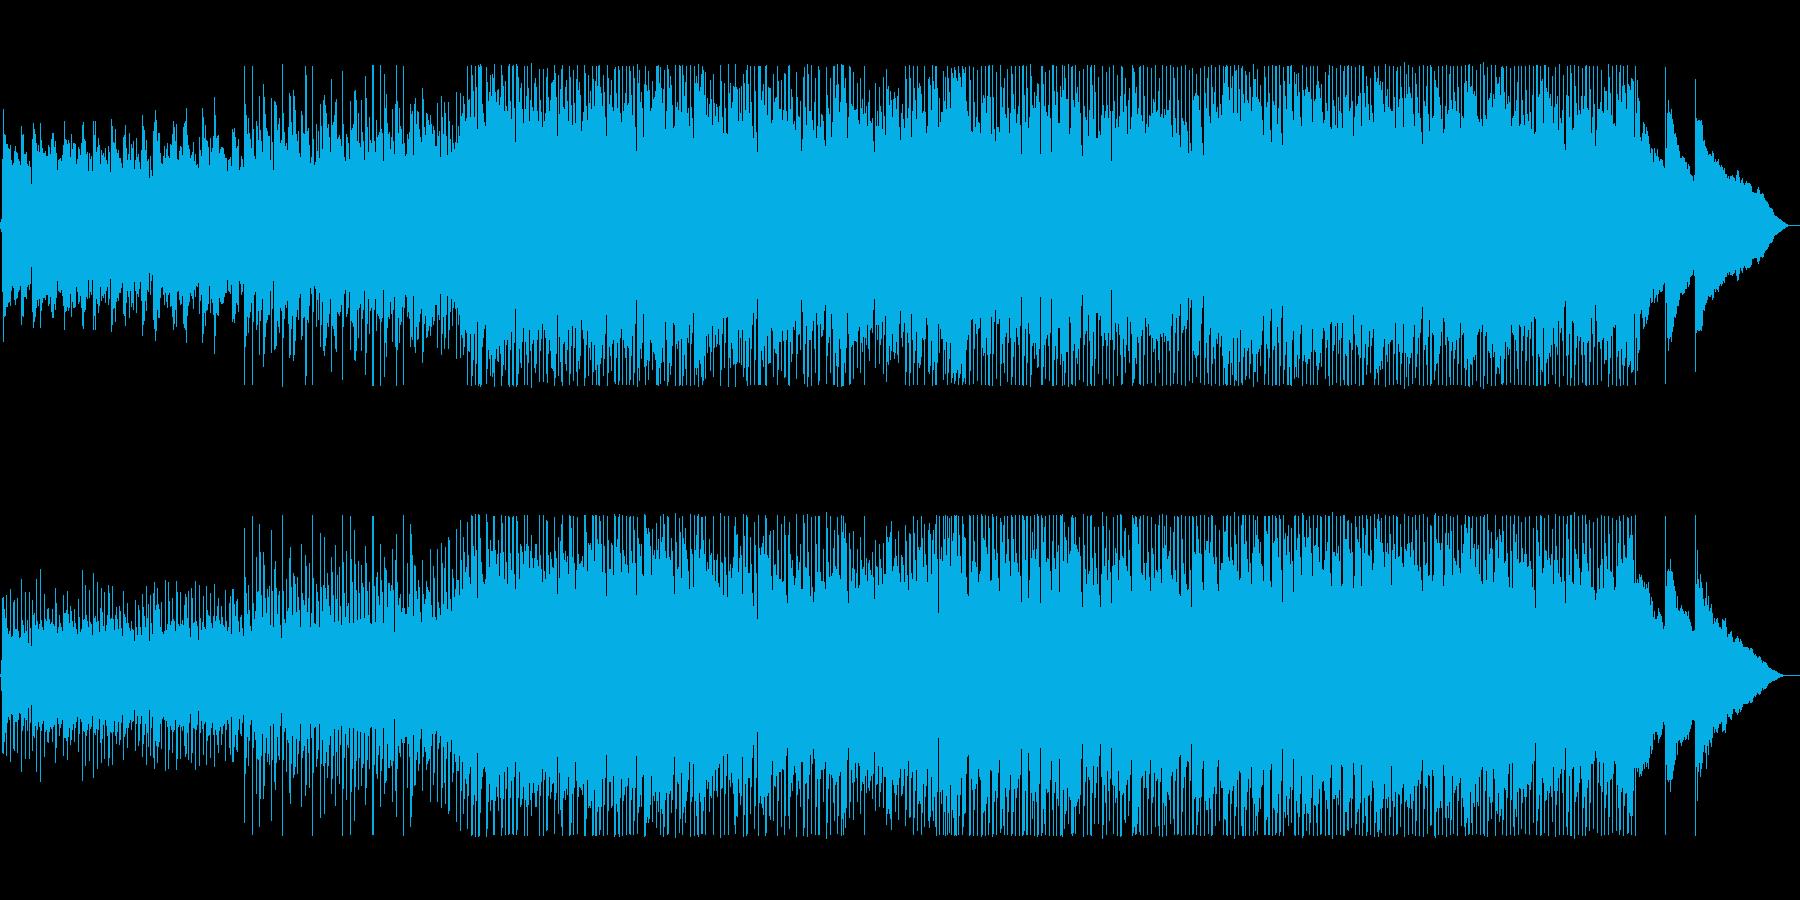 始まりを連想させるロックバラードの再生済みの波形